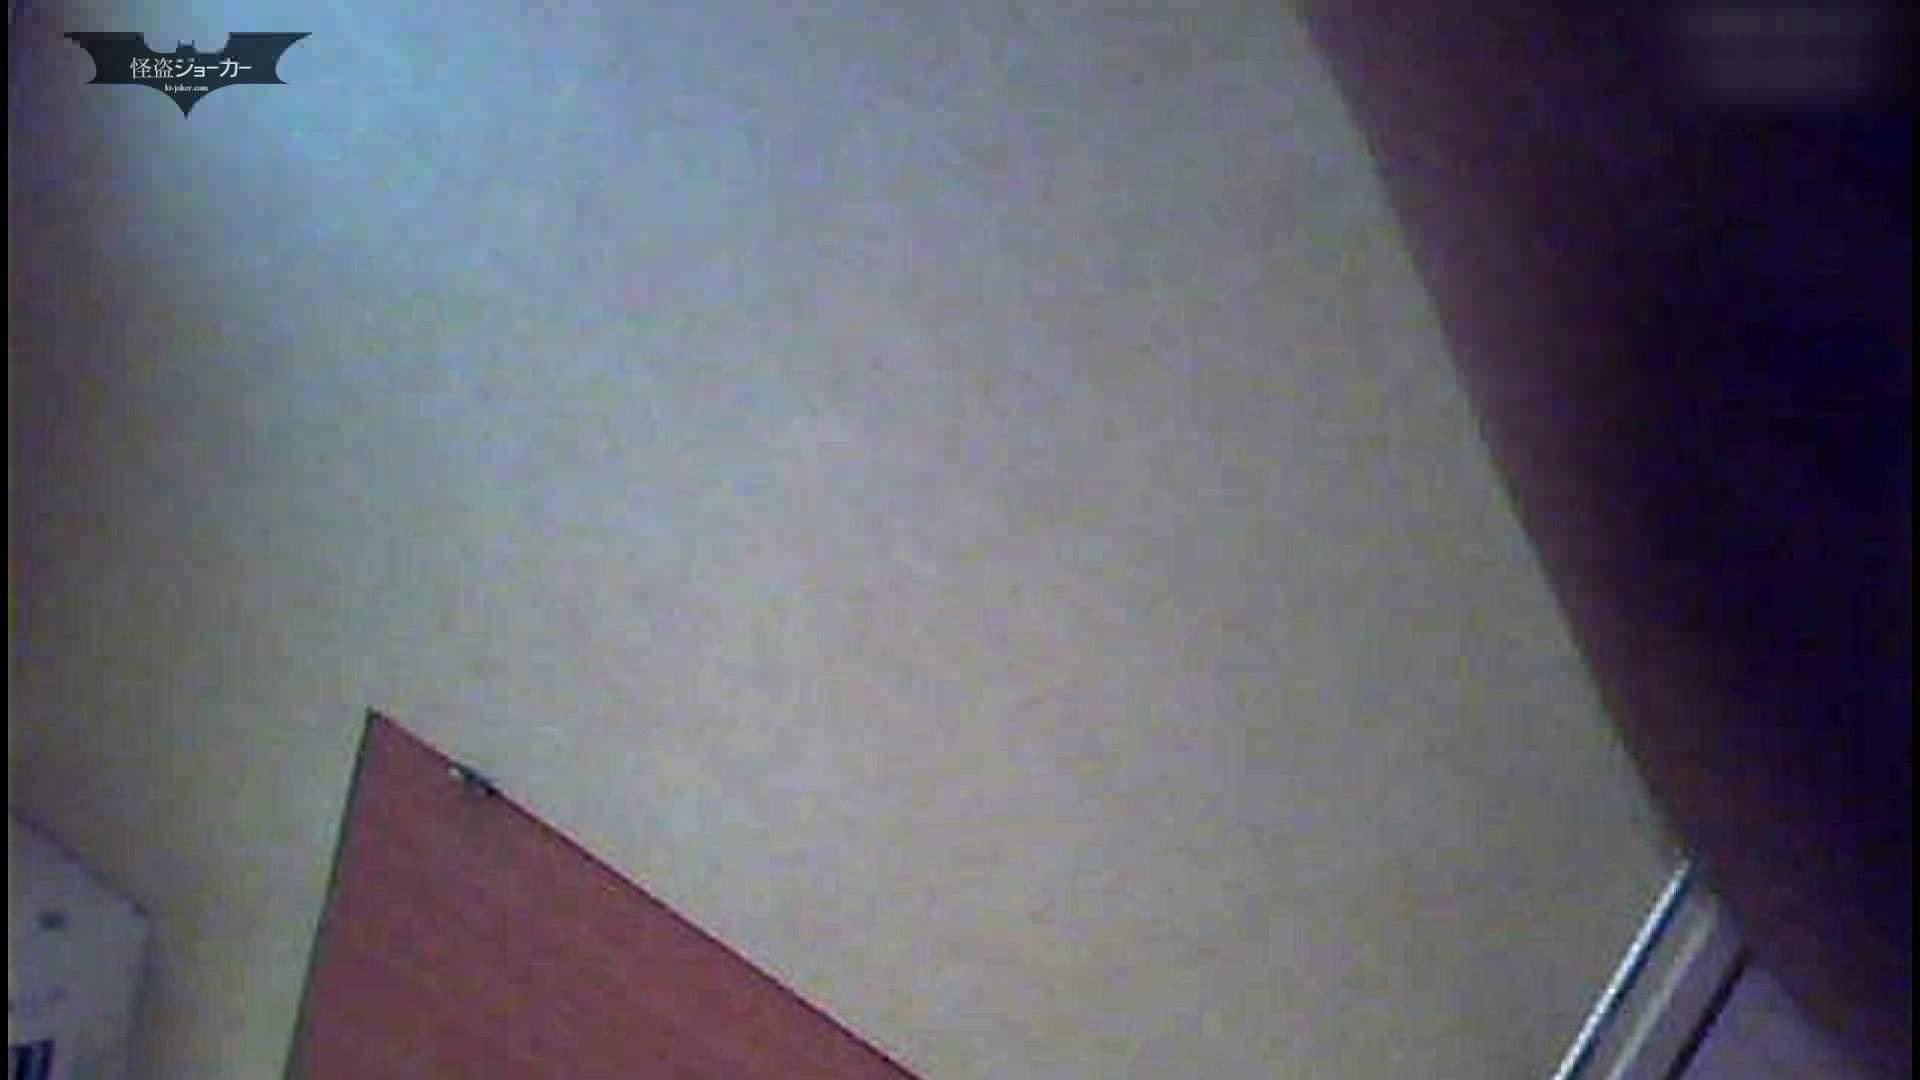 (注)の せっくす(シリーズ 2人目)   Vol.40 制服  93pic 4